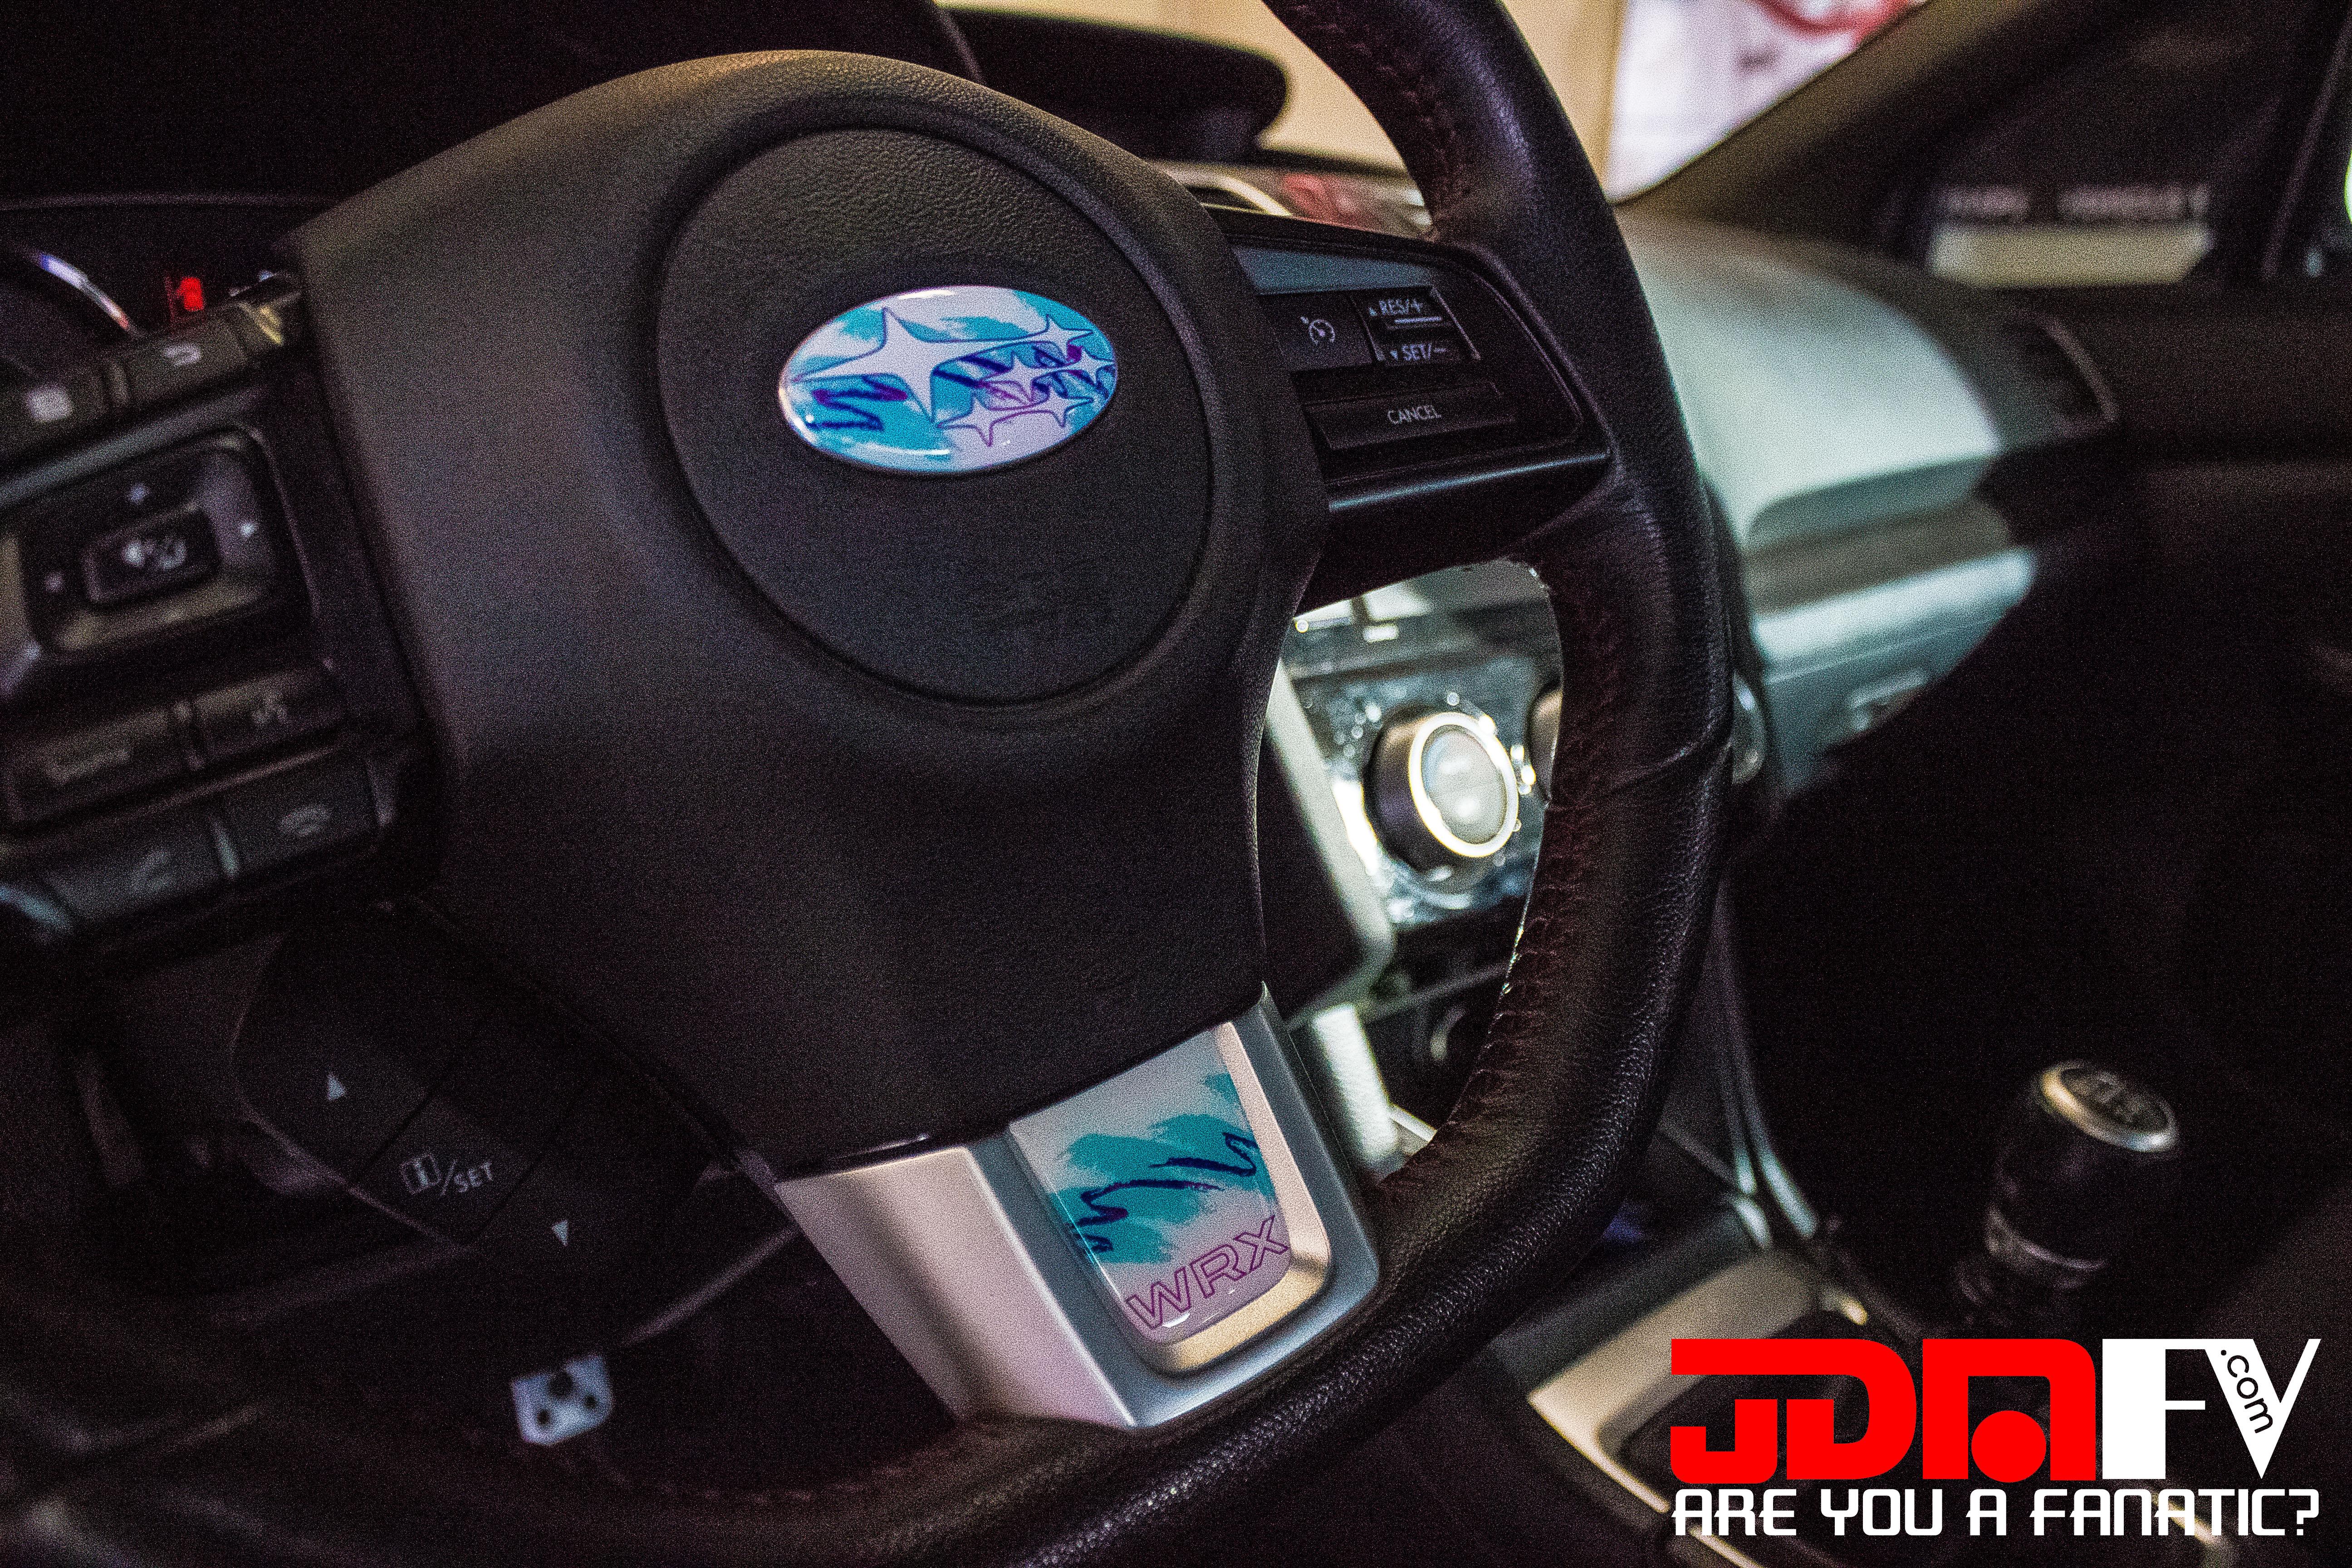 jazz-steering-wheel-emblem-and-trim.jpg